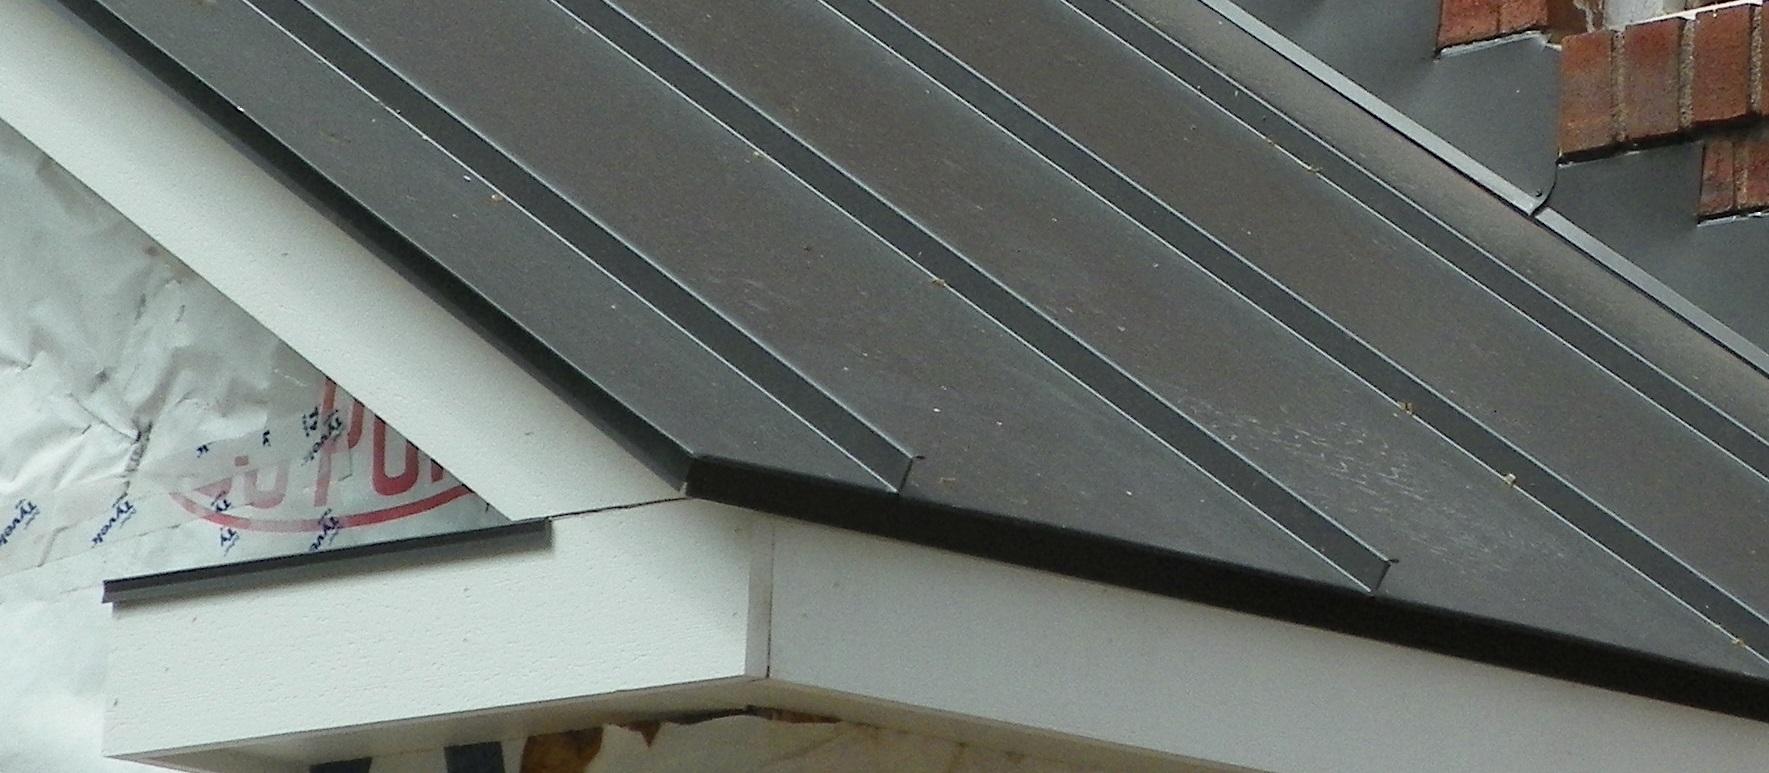 Snaploc Standing Seam Roofing Contractor Talk